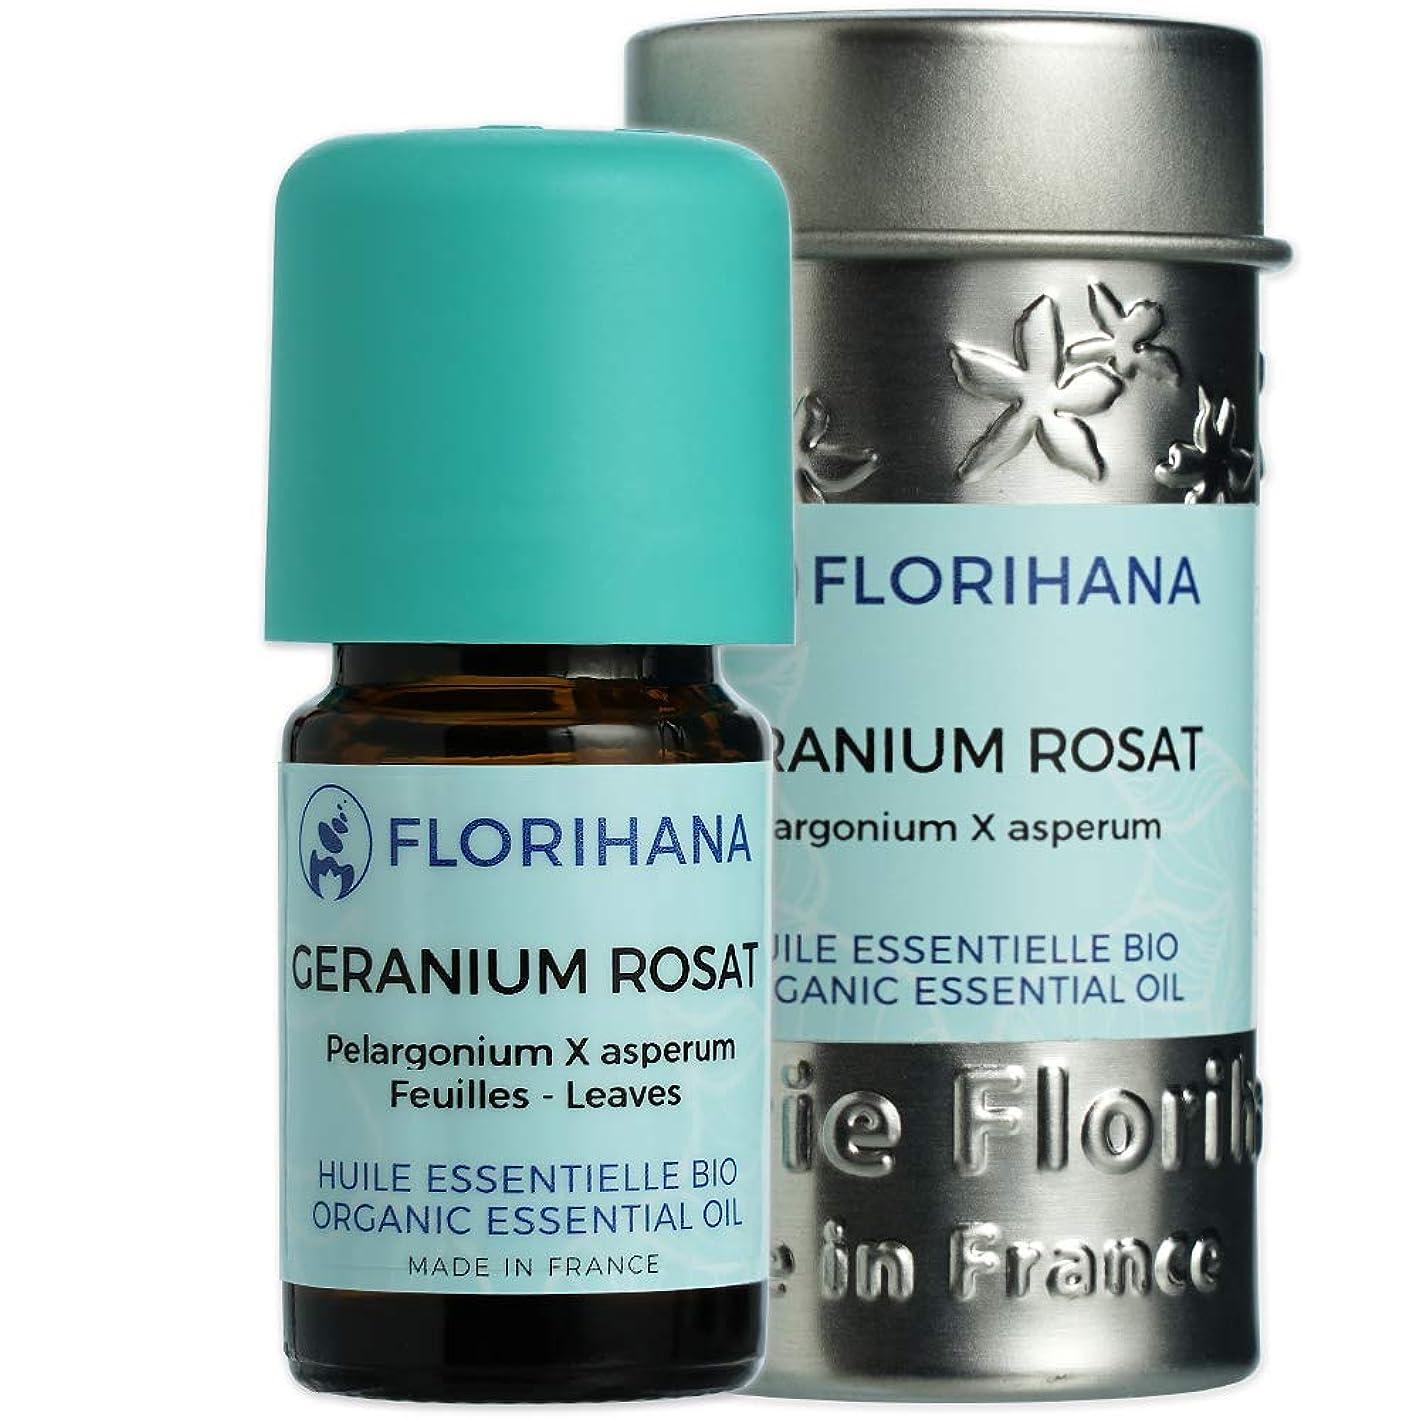 不振瞑想的娘ローズゼラニウム オーガニック 5g 【フロリハナ】 【精油/エッセンシャルオイル/アロマオイル/アロマテラピー】